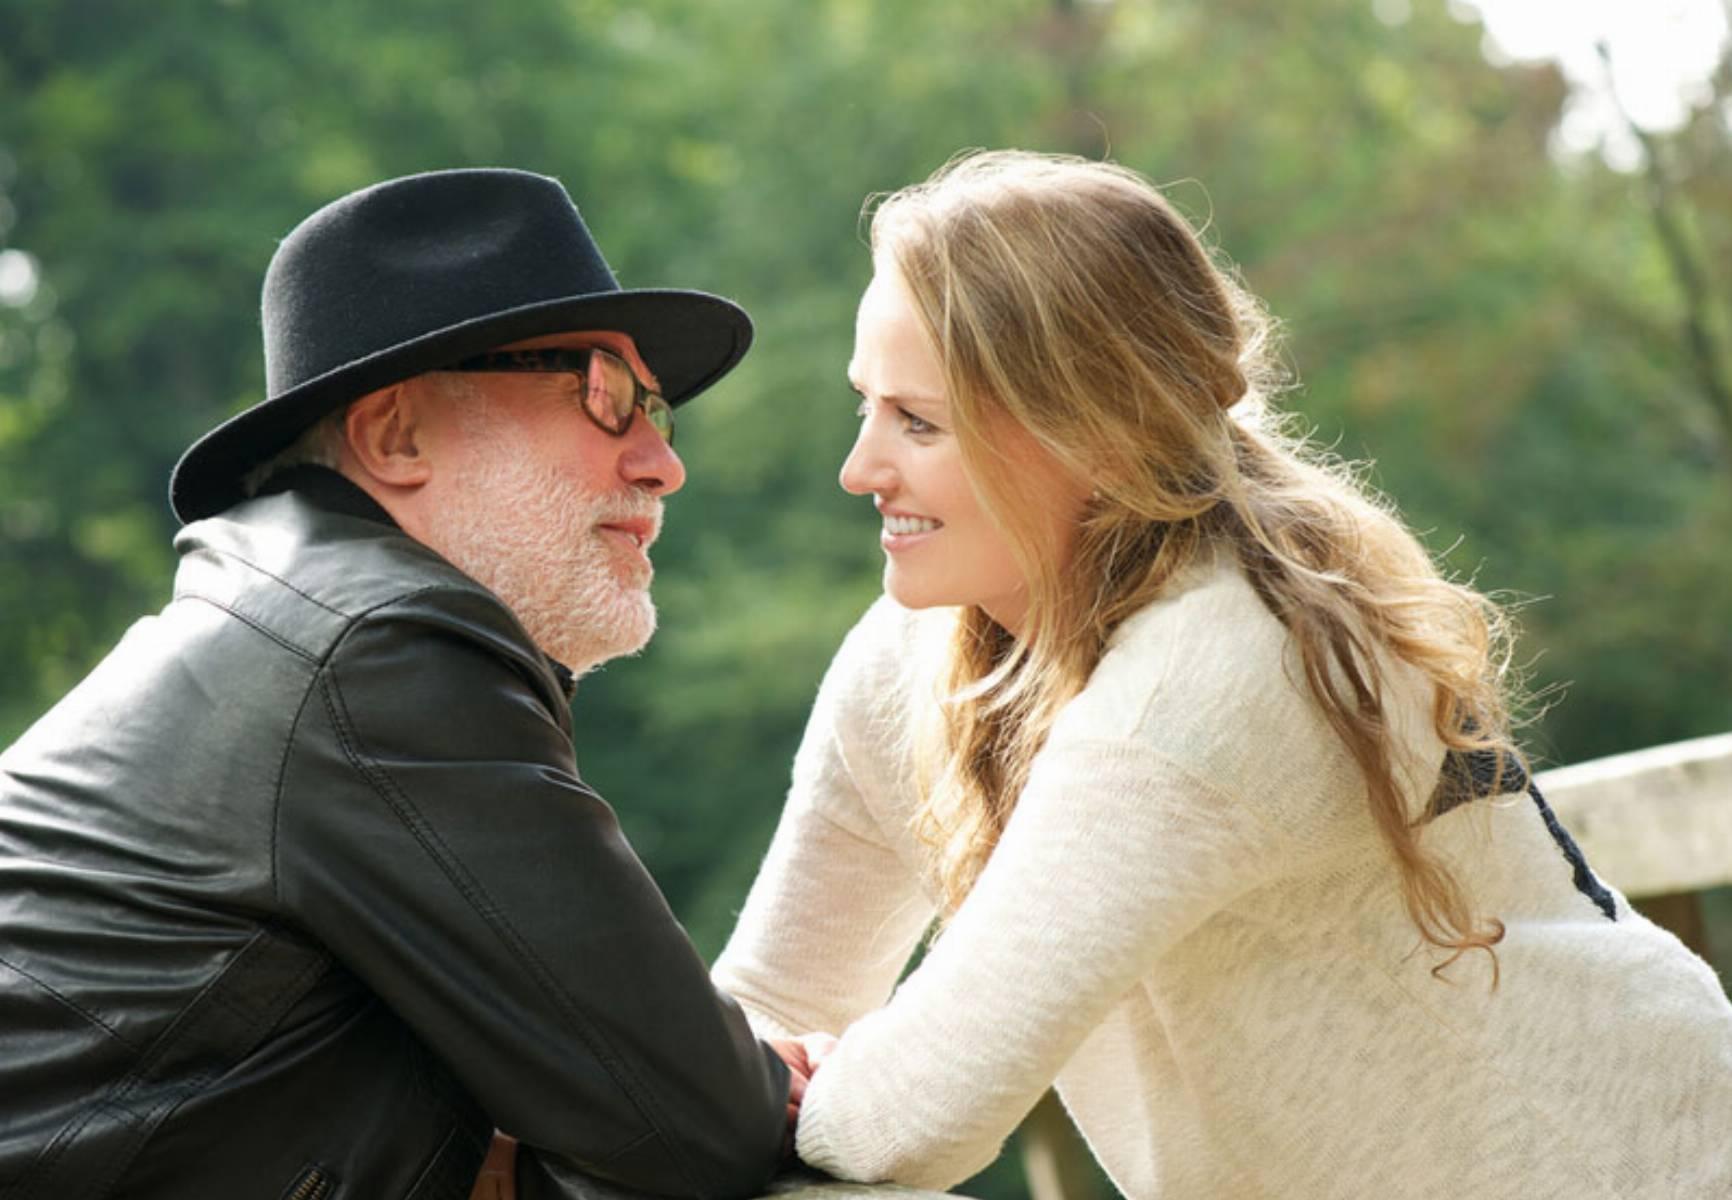 Como lidar com os preconceitos nas relações amorosas